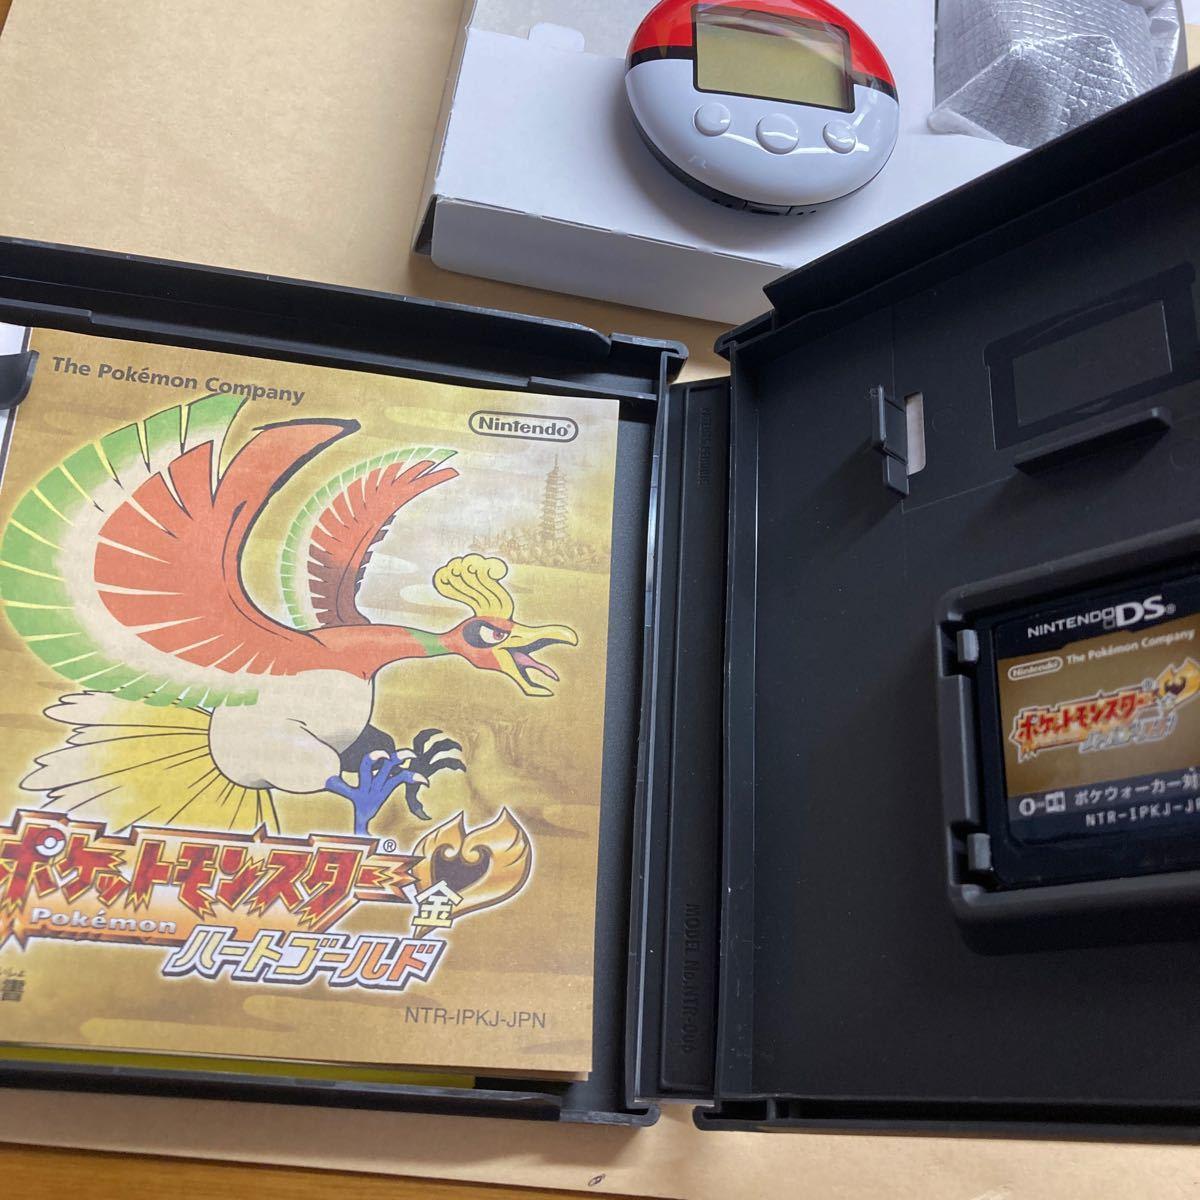 ポケットモンスターハートゴールド ポケットモンスターソウルシルバー ポケウォーカー DSソフトセット